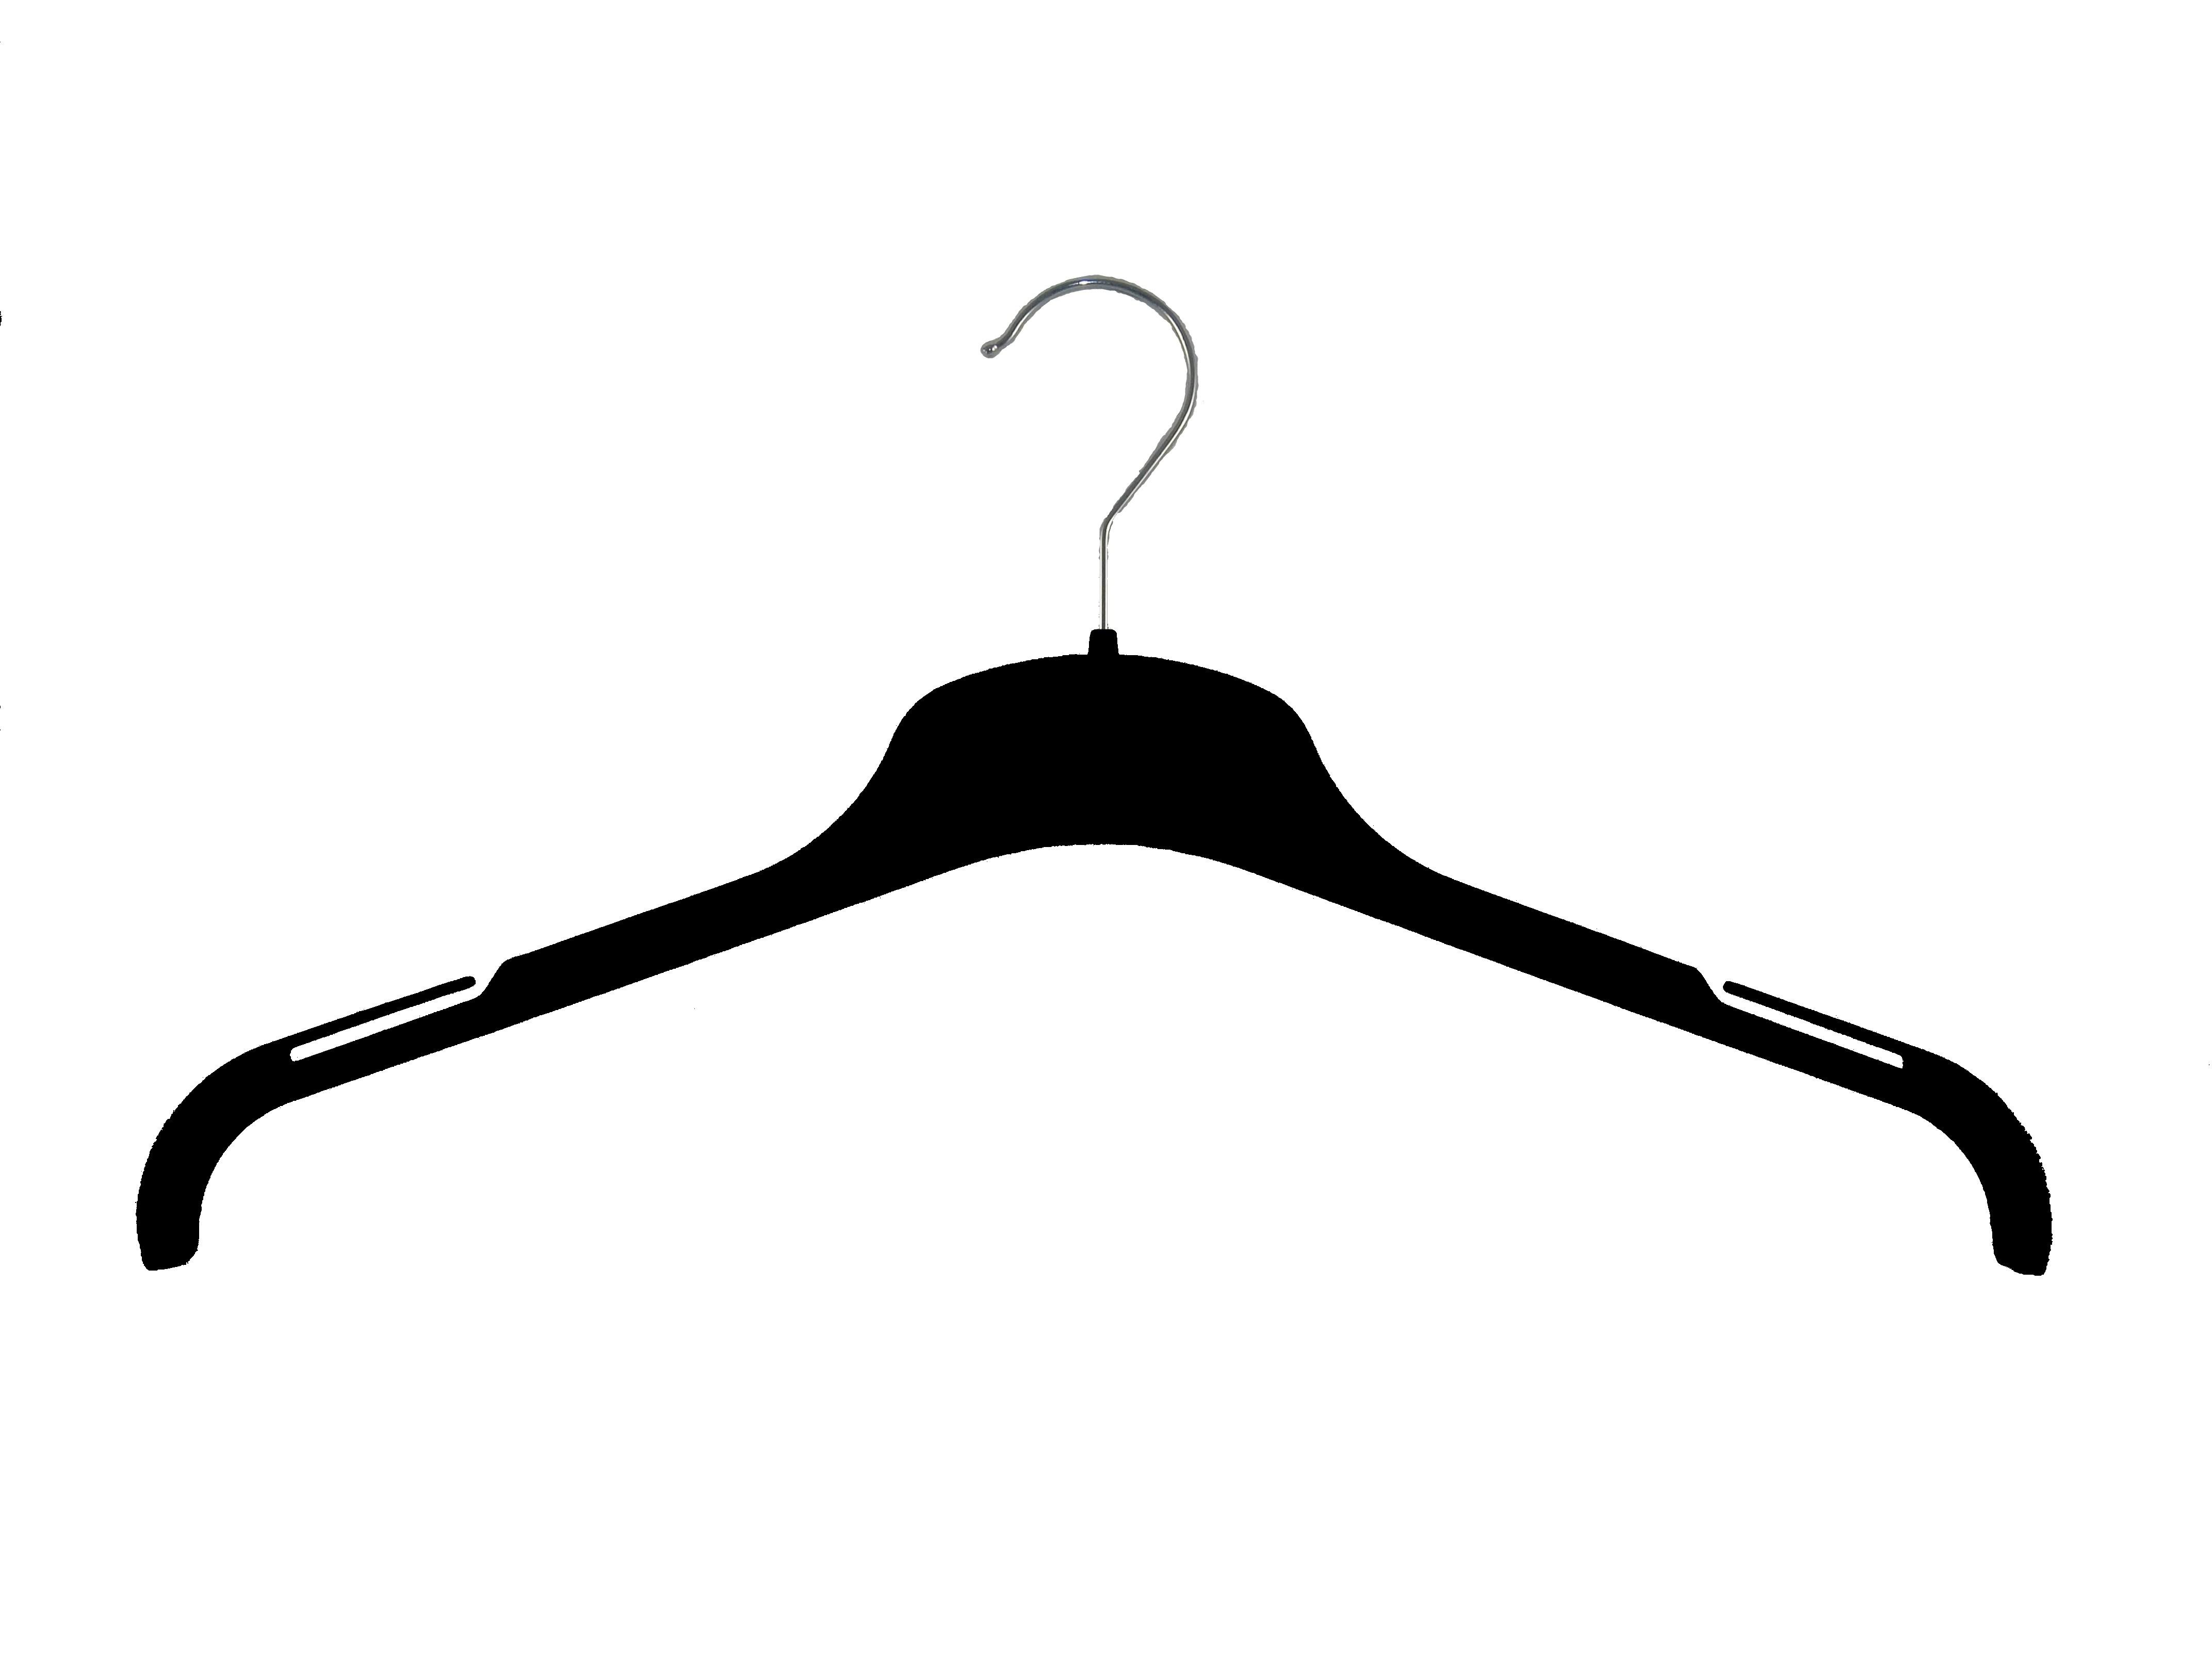 kleiderb gel shop hemden und blusenb gel tu43 aus kunststoff schwarz 43 cm. Black Bedroom Furniture Sets. Home Design Ideas